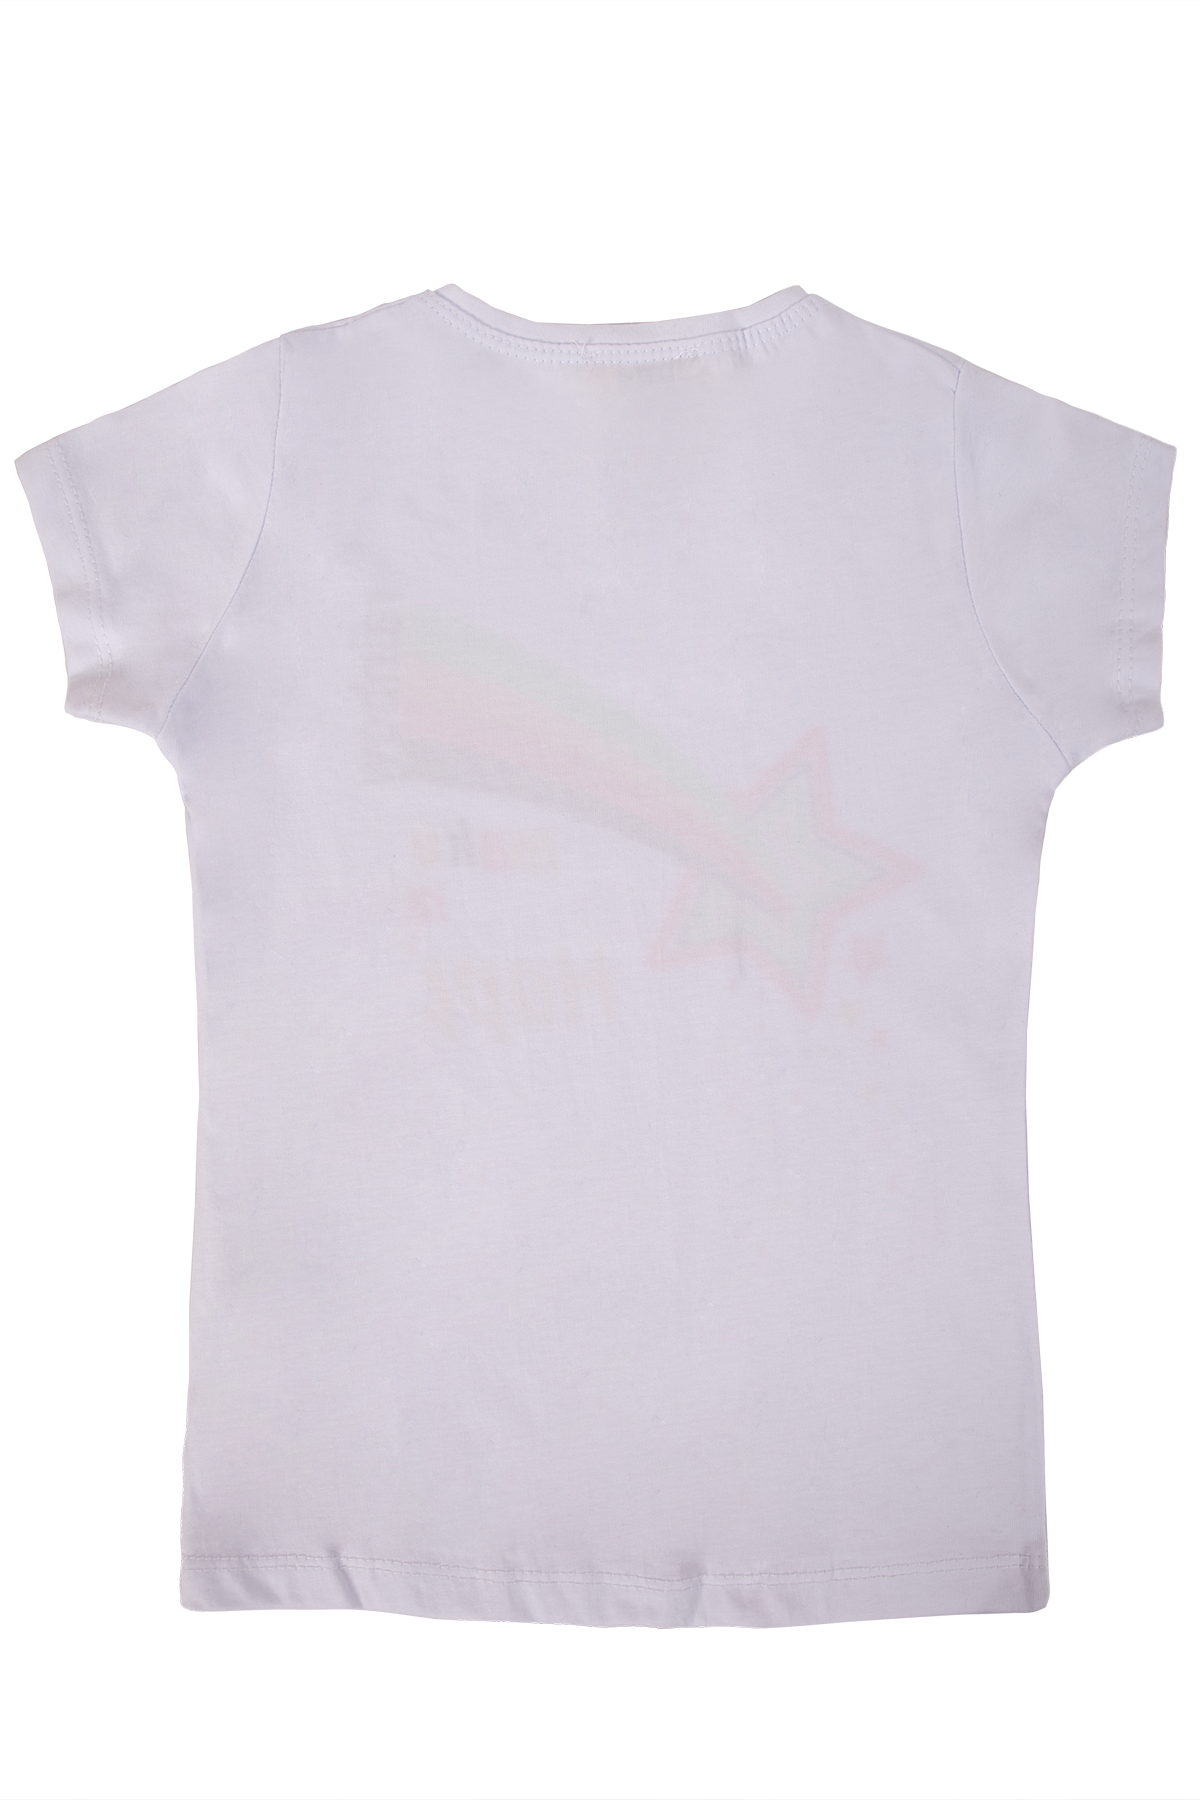 Kız Çocuk Monday Sim Baskılı Beyaz Tişört